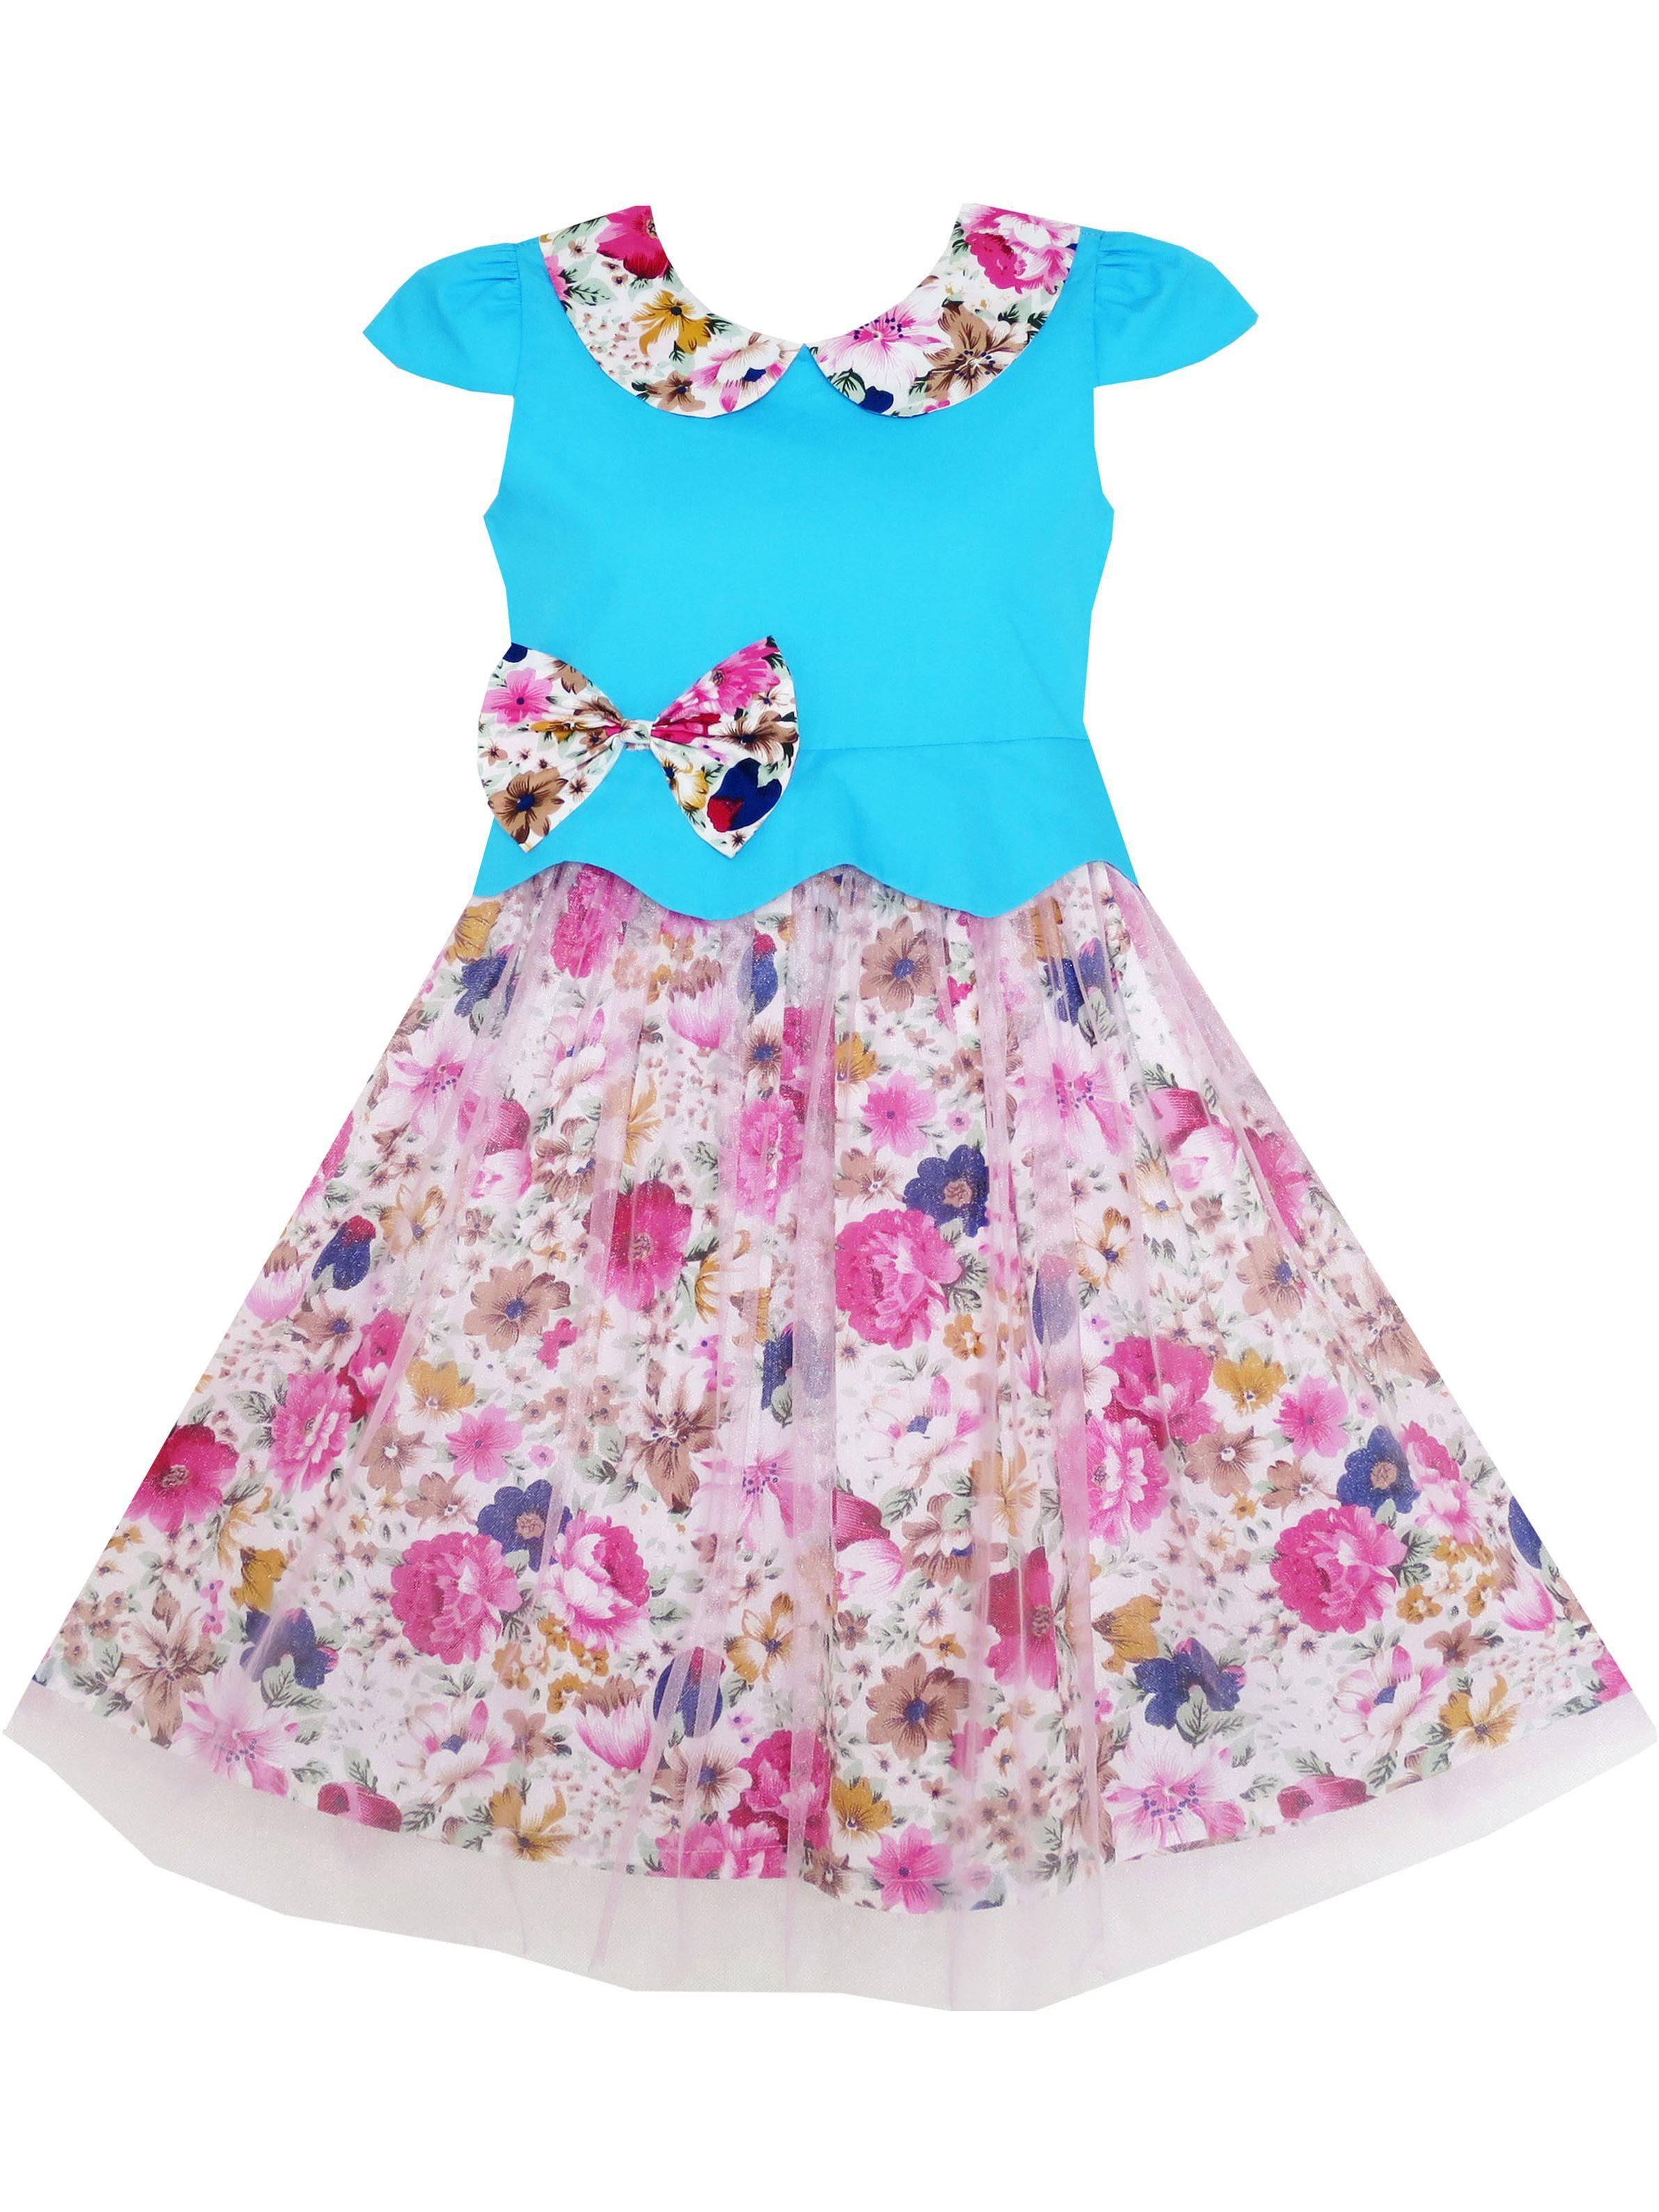 Girls Dress Turn-Down Collar Flower Detailing Tulle Overlay 6